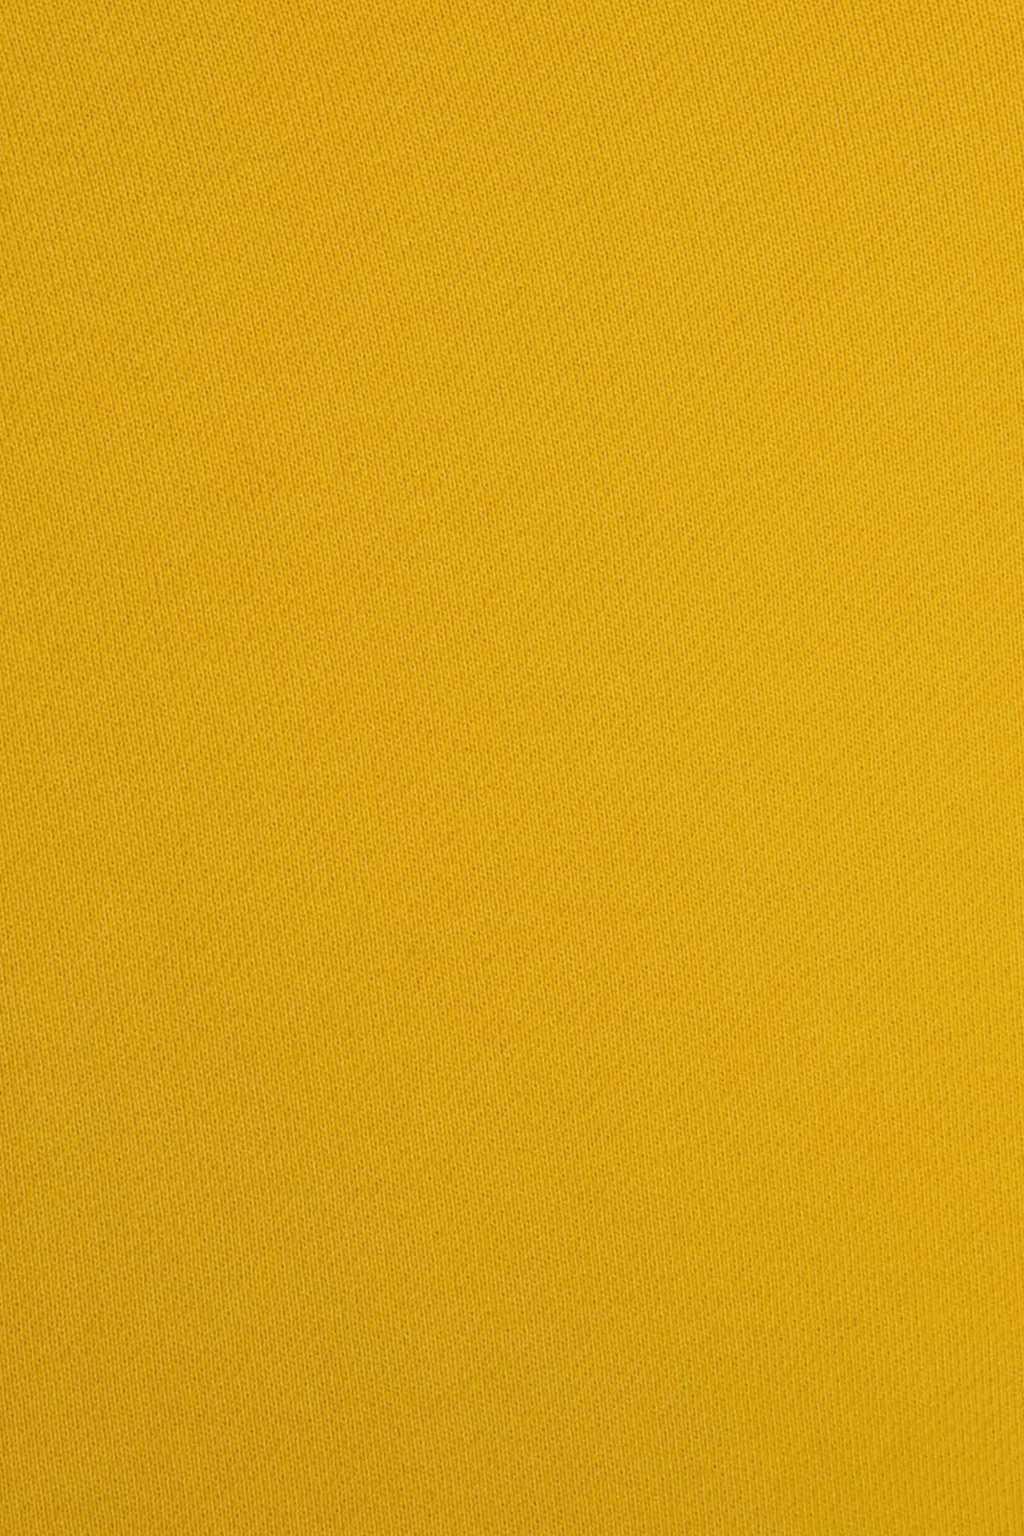 Sweatshirt 1950 Yellow 6